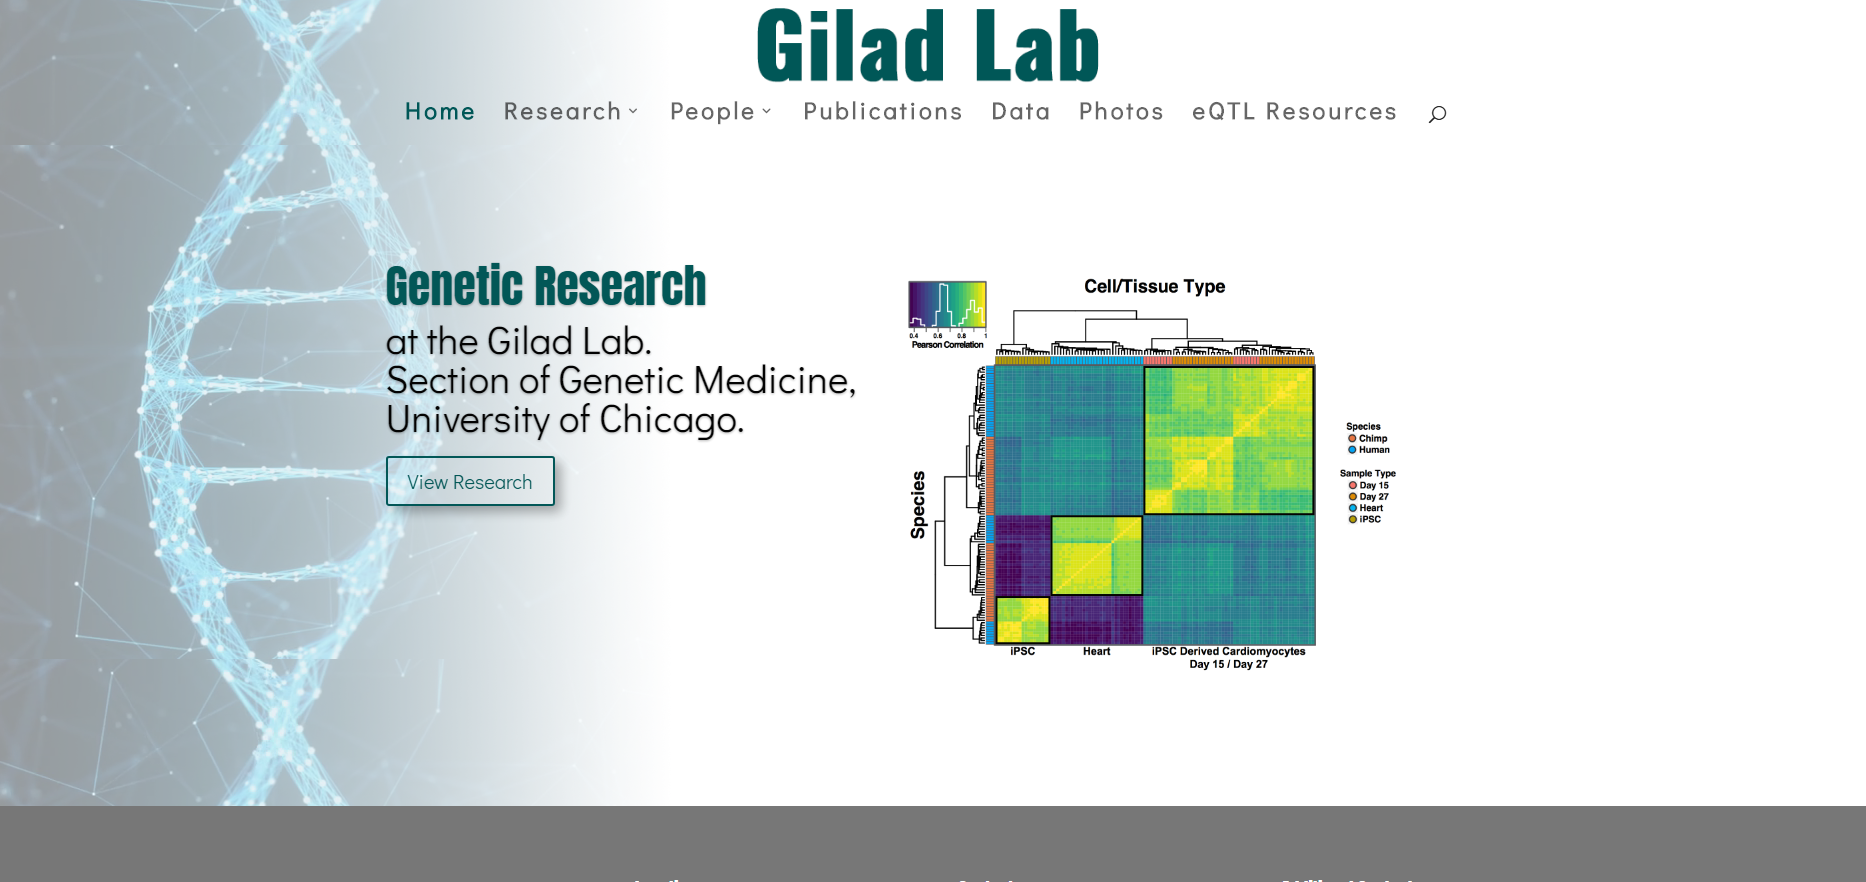 Gilad Lab